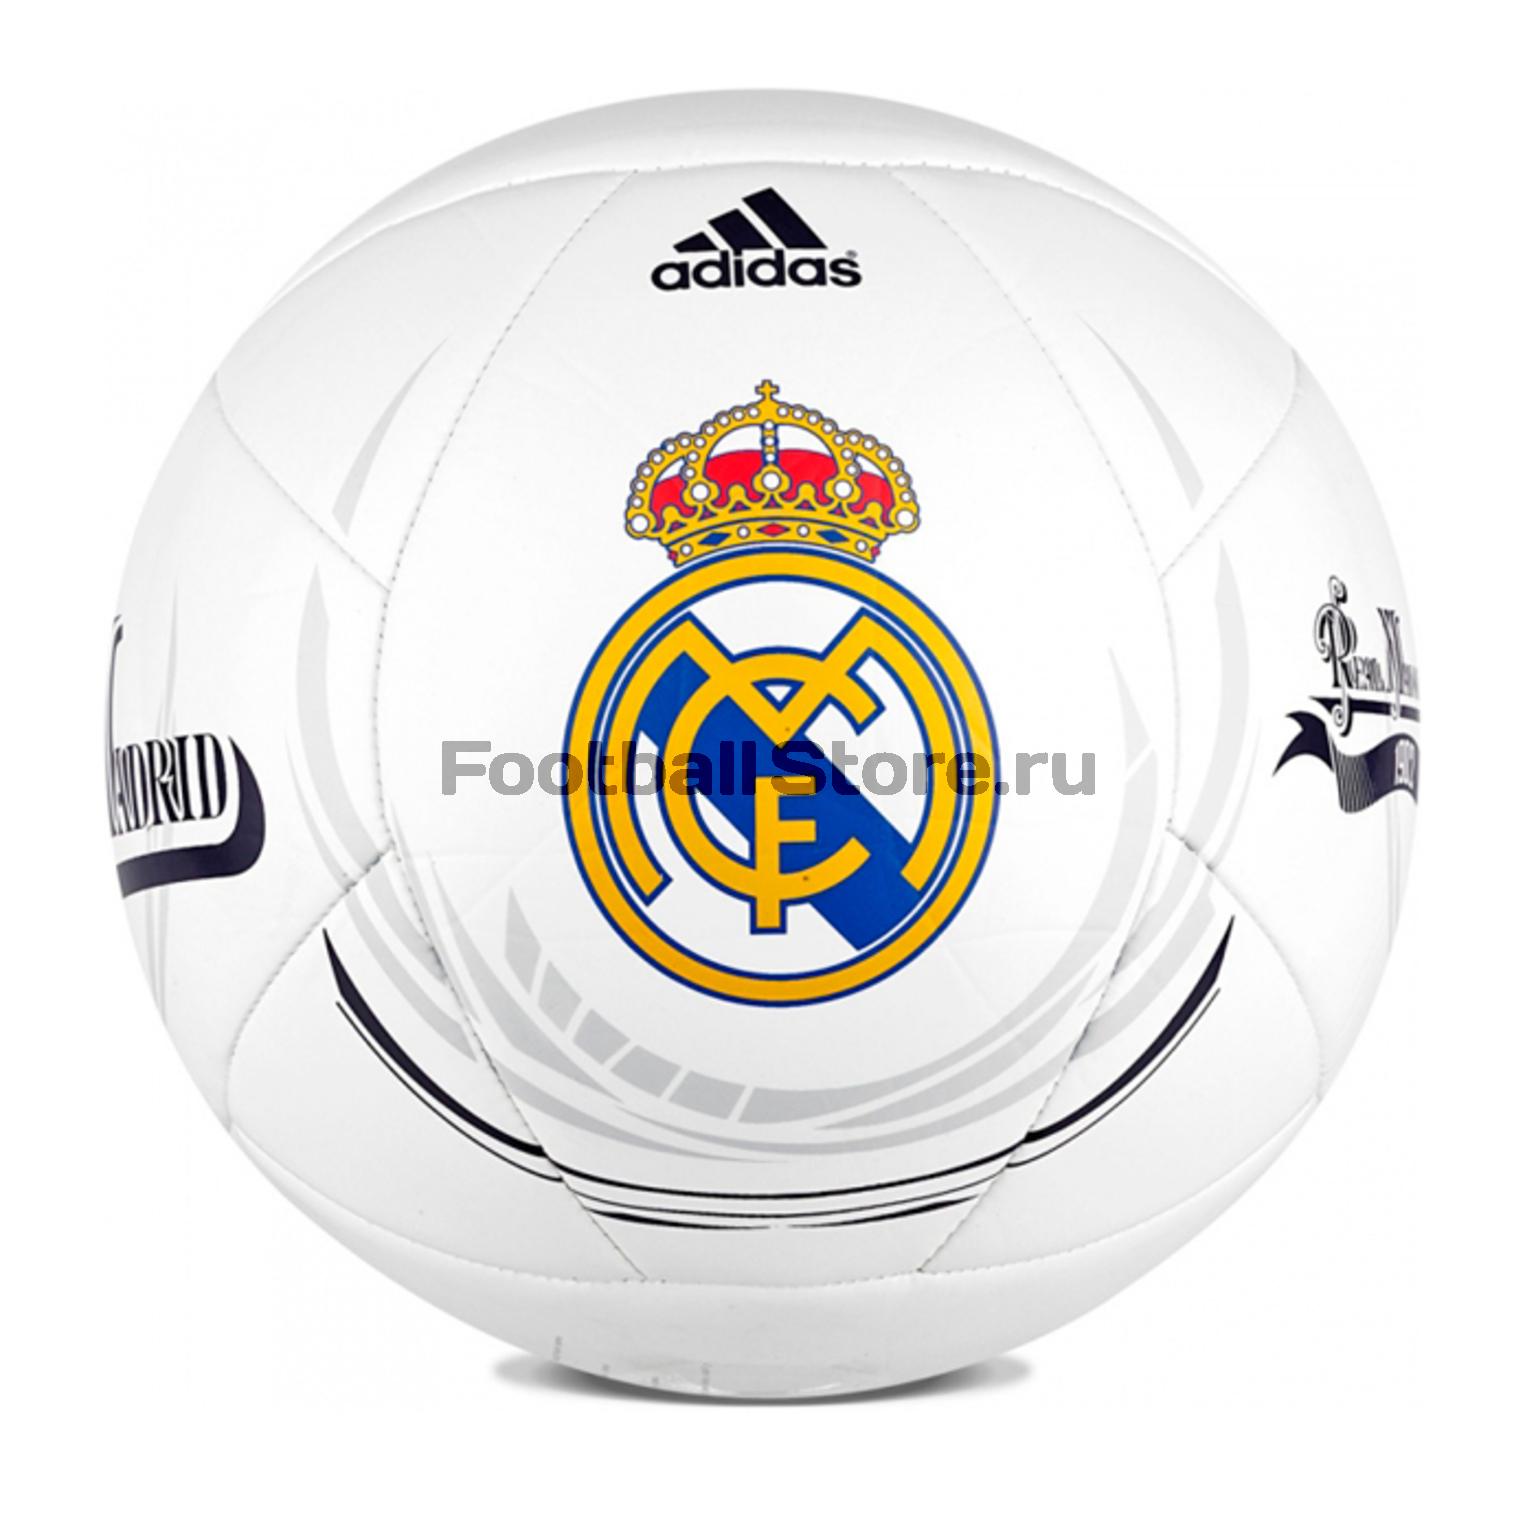 ... Мяч футбольный Adidas Real Madrid W43656. О ТОВАРЕ  РАСЧЕТ ДОСТАВКИ 0a9464b5944a9